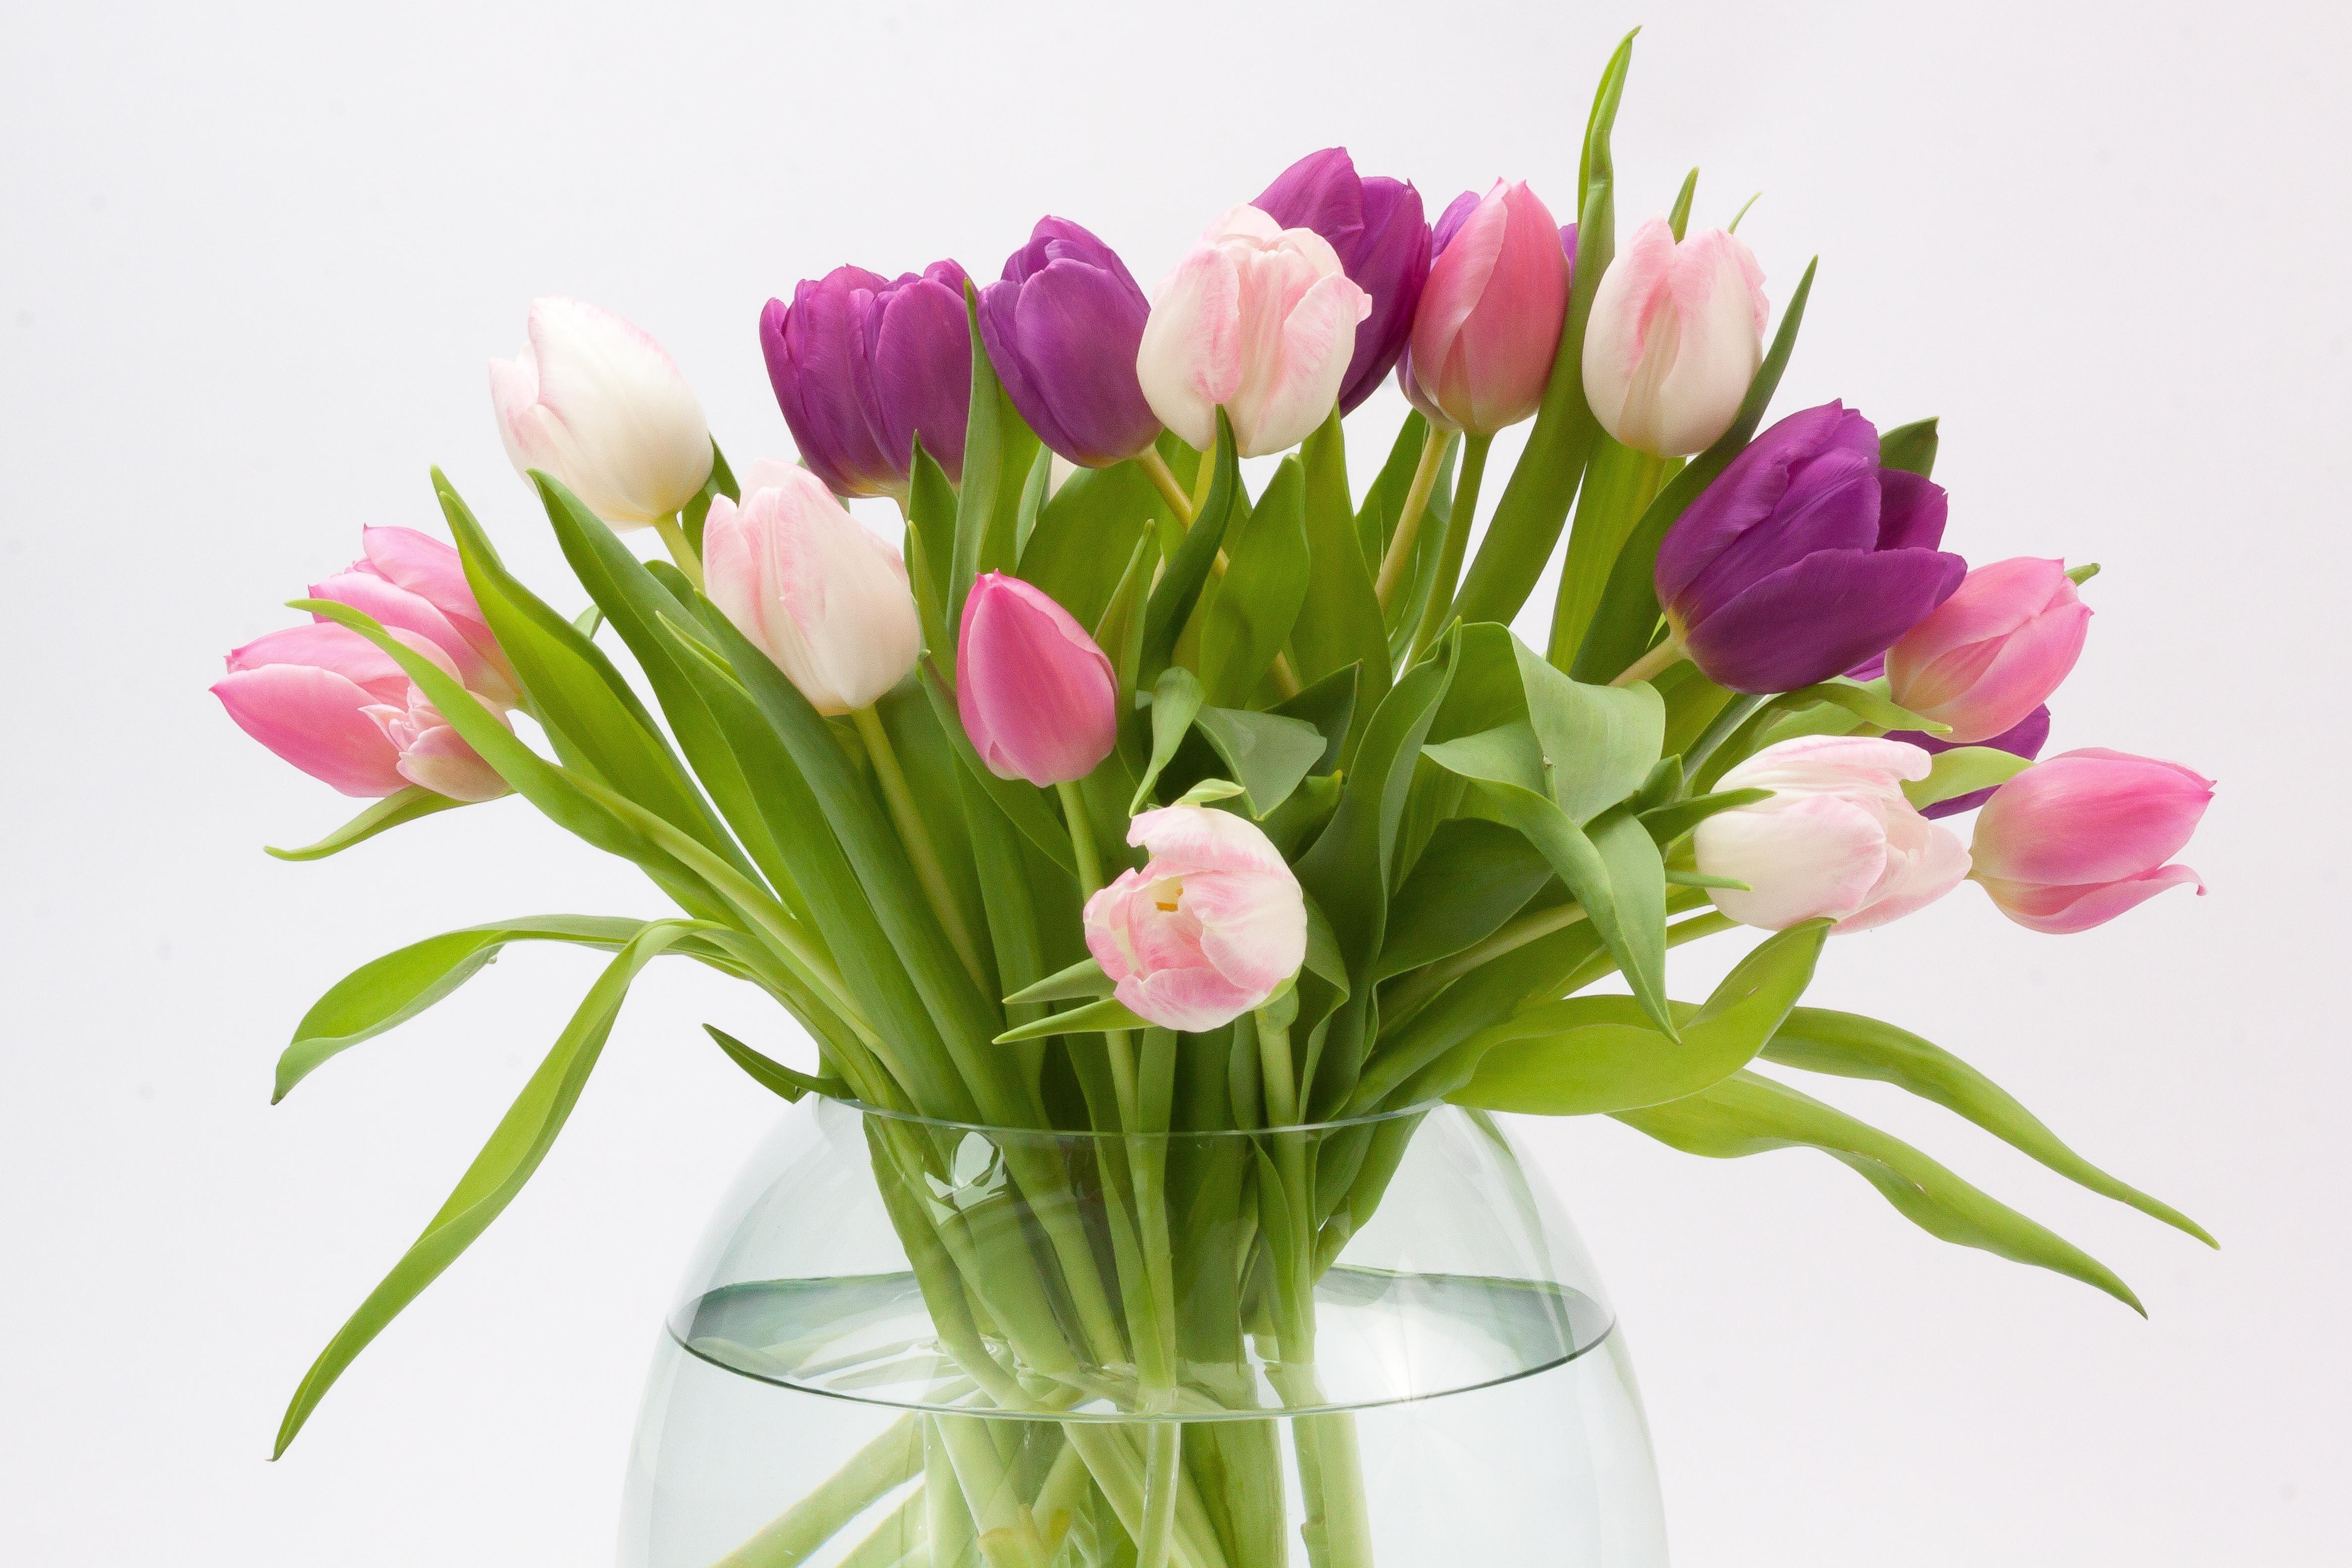 hot pink flower vases of free images blossom leaf petal bloom tulip green red pink pertaining to free images blossom leaf petal bloom tulip green red pink glass vase violet floristry spring flower flowering plant schnittblume flower